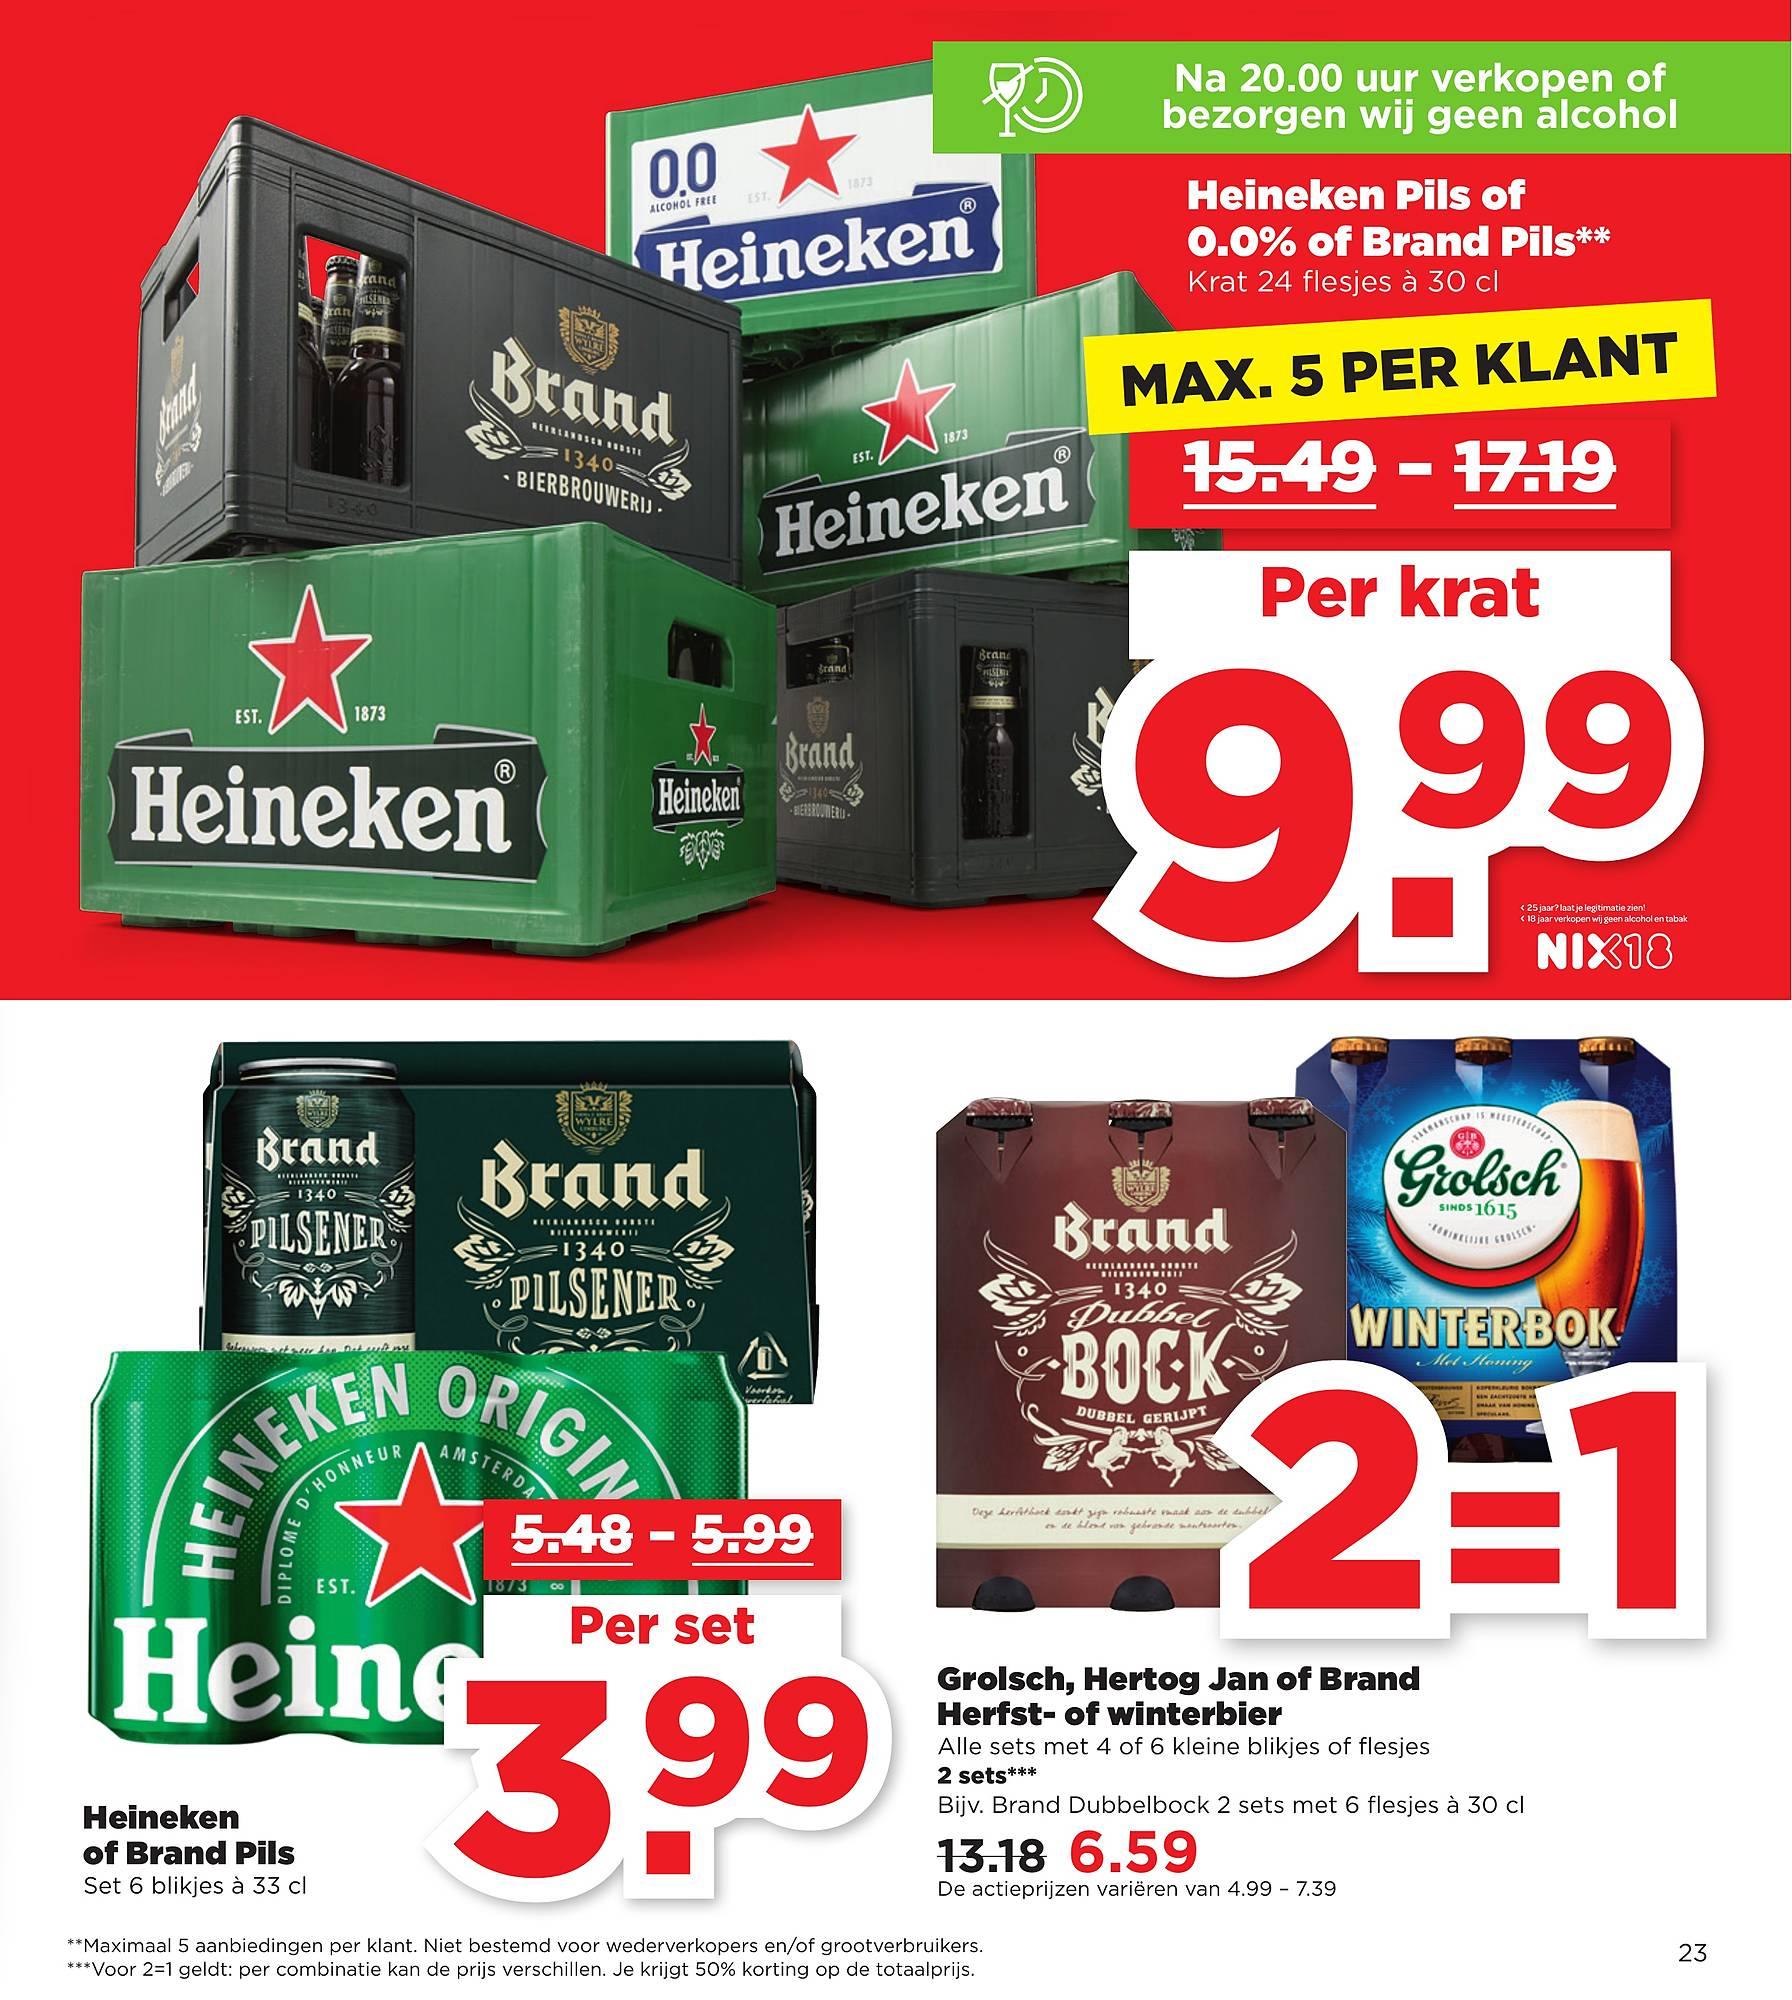 Grolsch, Hertog Jan en Brand Herfst- en Winterbier 2=1 bij PLUS